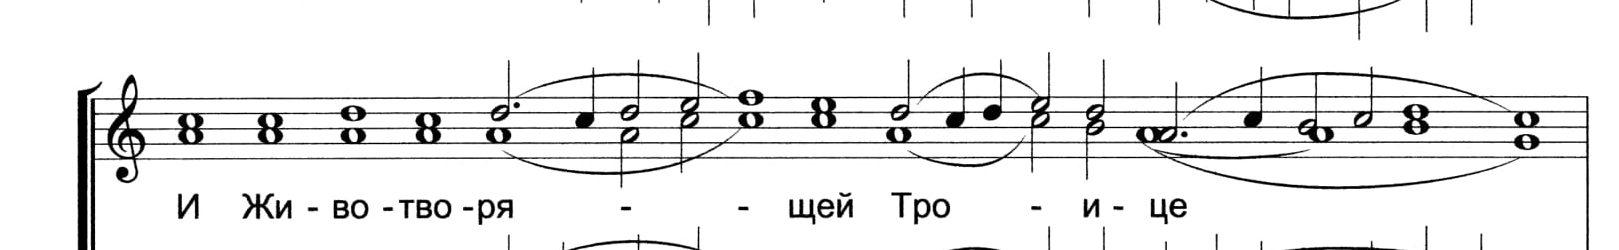 Херувимская песнь древнего распева